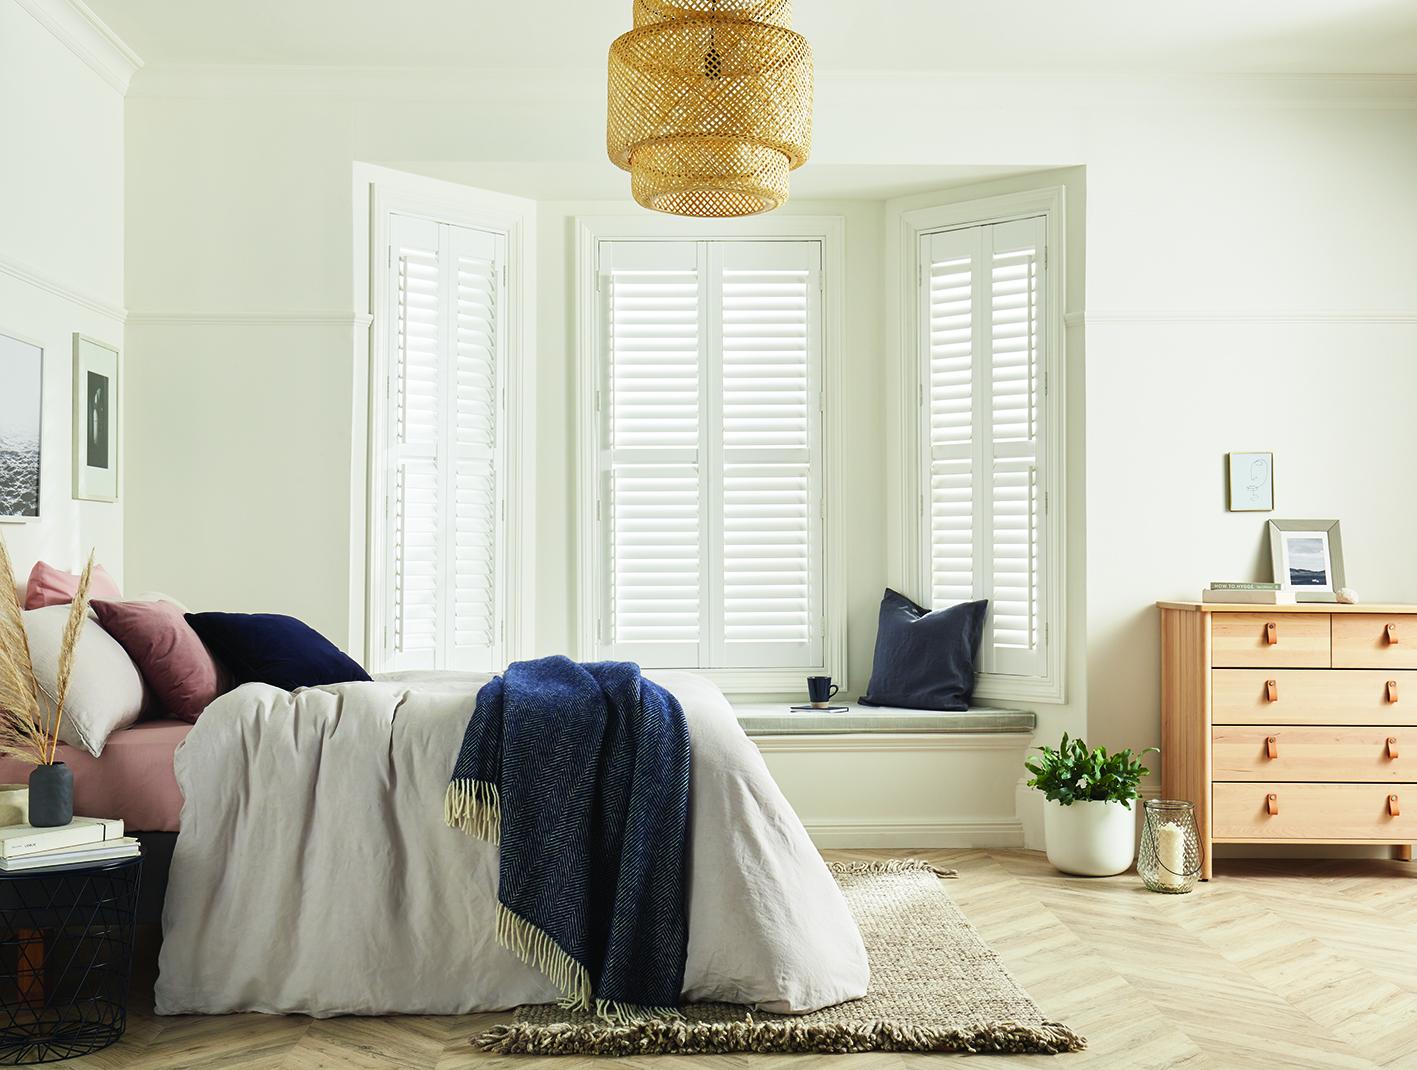 shutters work well in bay windows